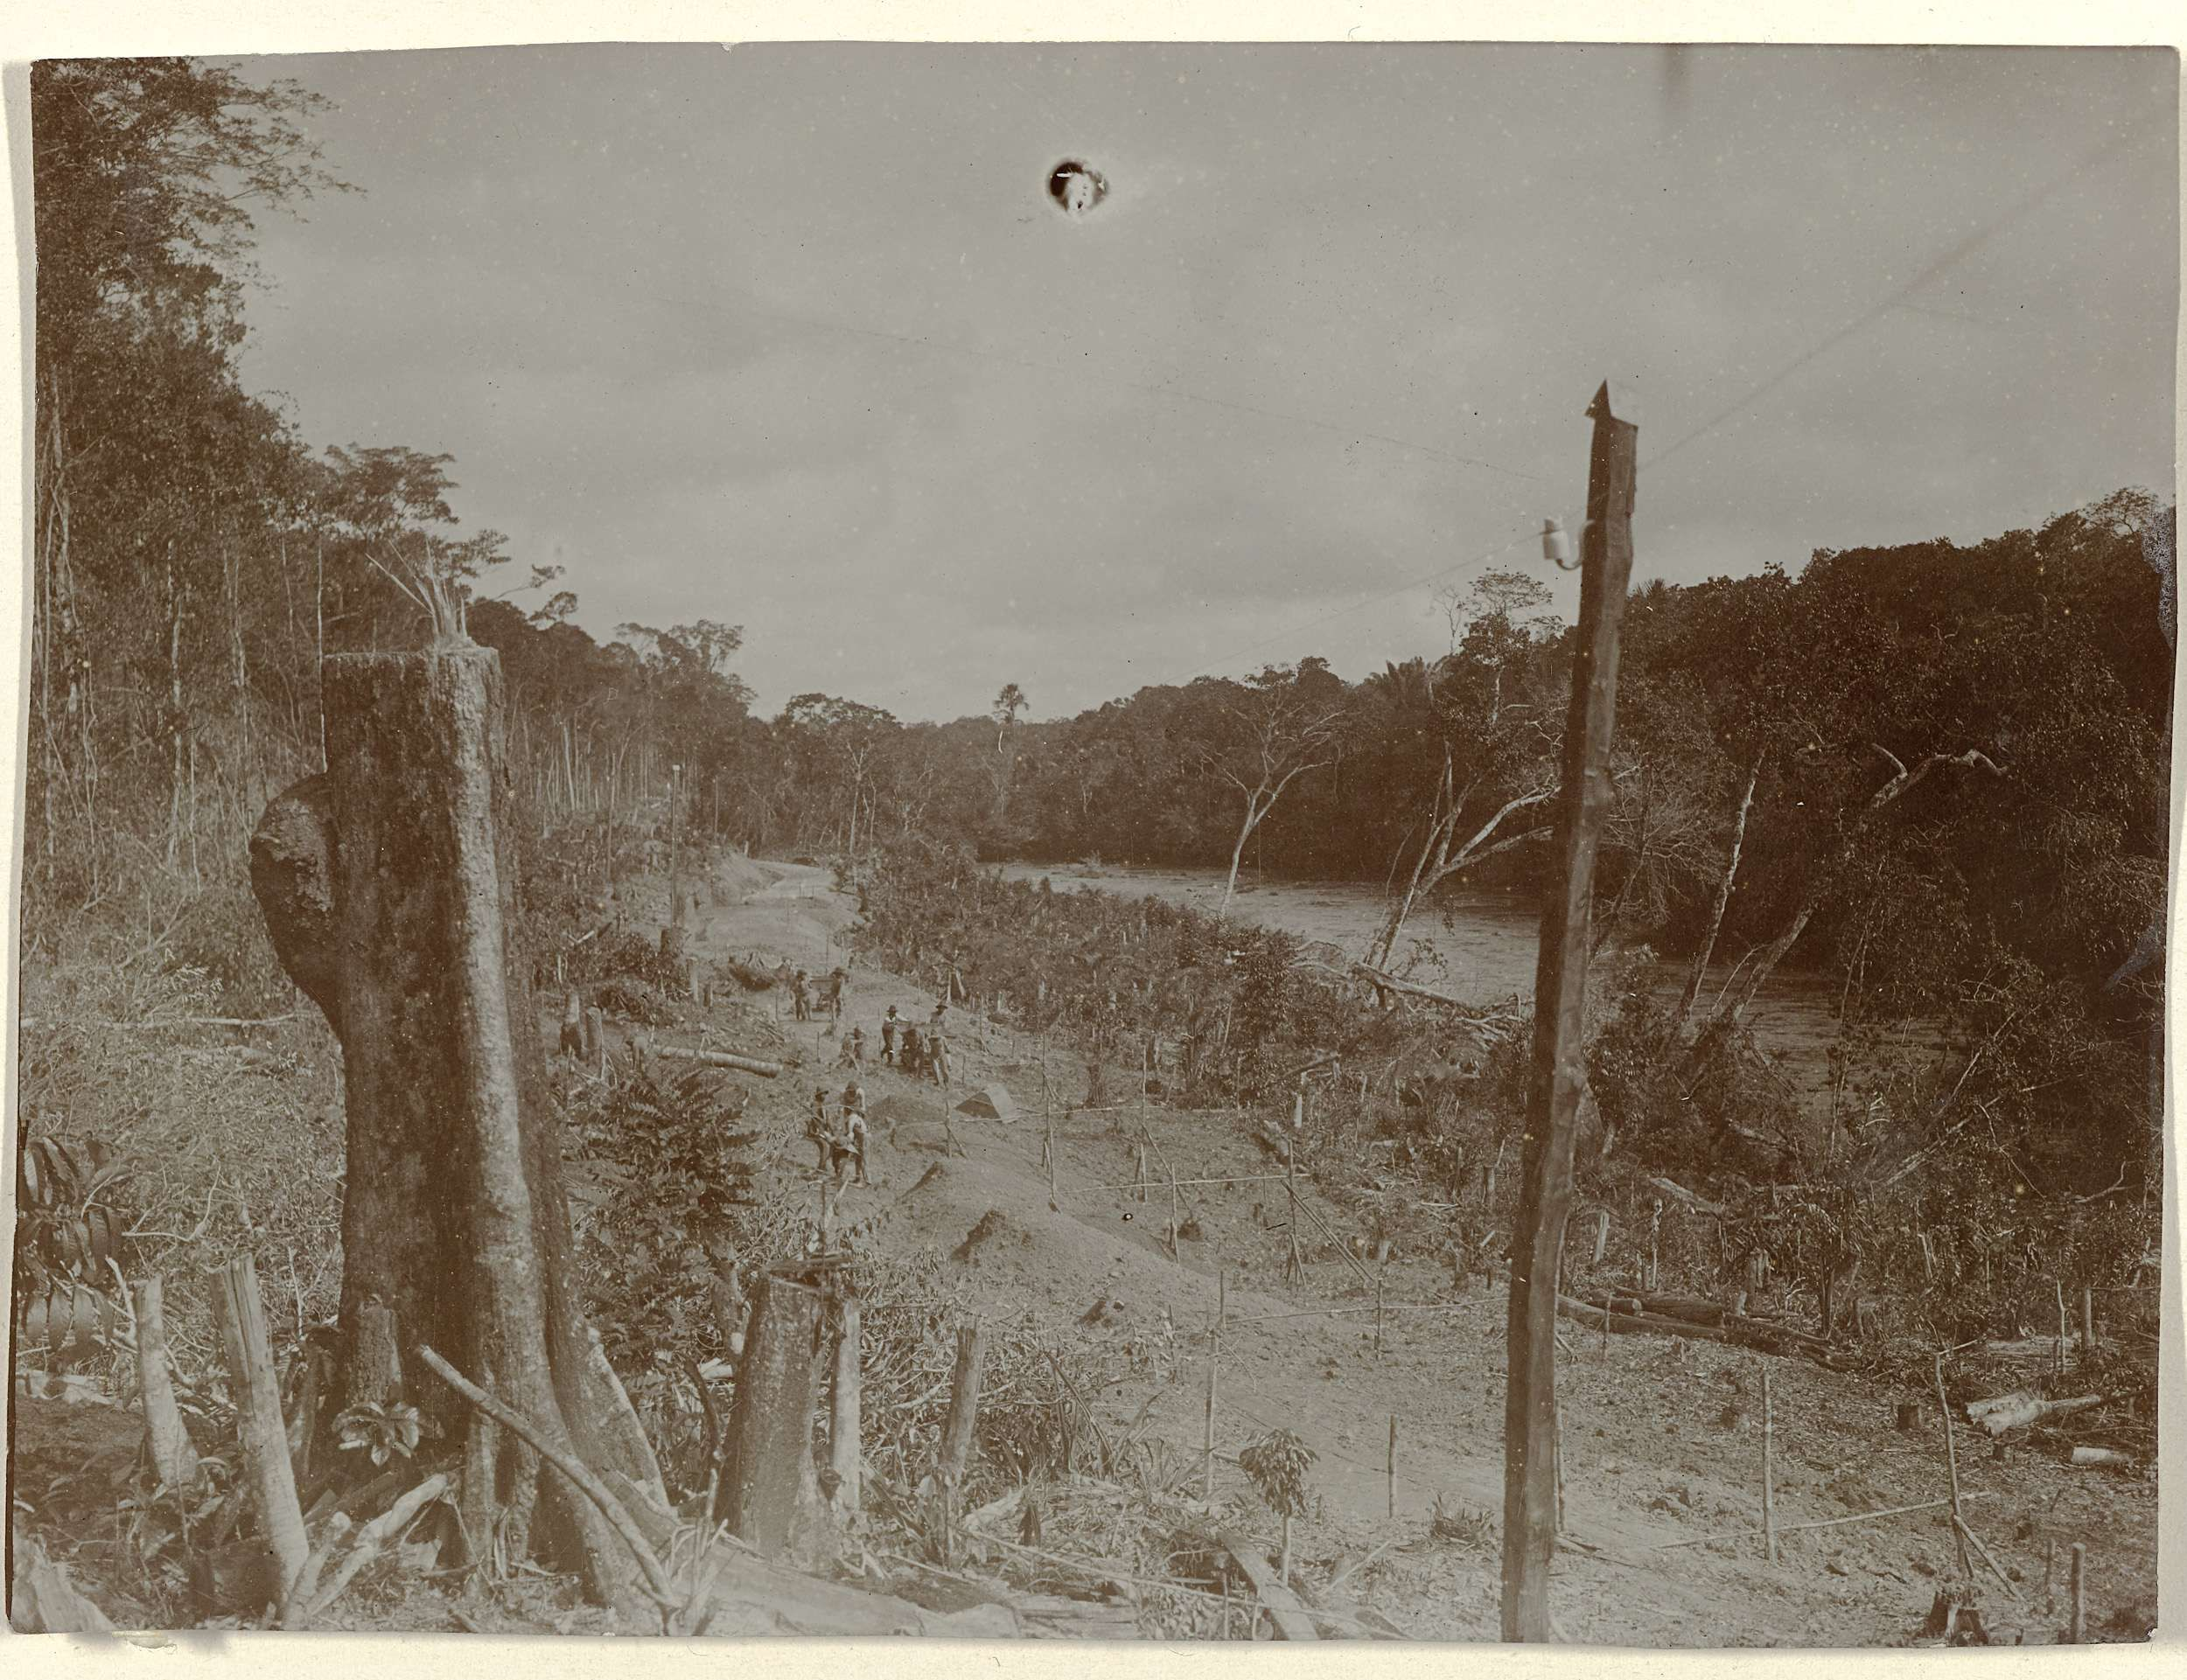 anoniem | Aanleg spoorweg langs de Sarakreek in Suriname, attributed to Jacob Evert Wesenhagen, 1905 - 1910 | Grondwerk bij de aanleg spoorweg langs de Sarakreek in Suriname. Aanleg van de Lawaspoorweg in Suriname in de jaren 1903-1912. Onderdeel van een groep objecten afkomstig van de familie Wesenhagen in Suriname.